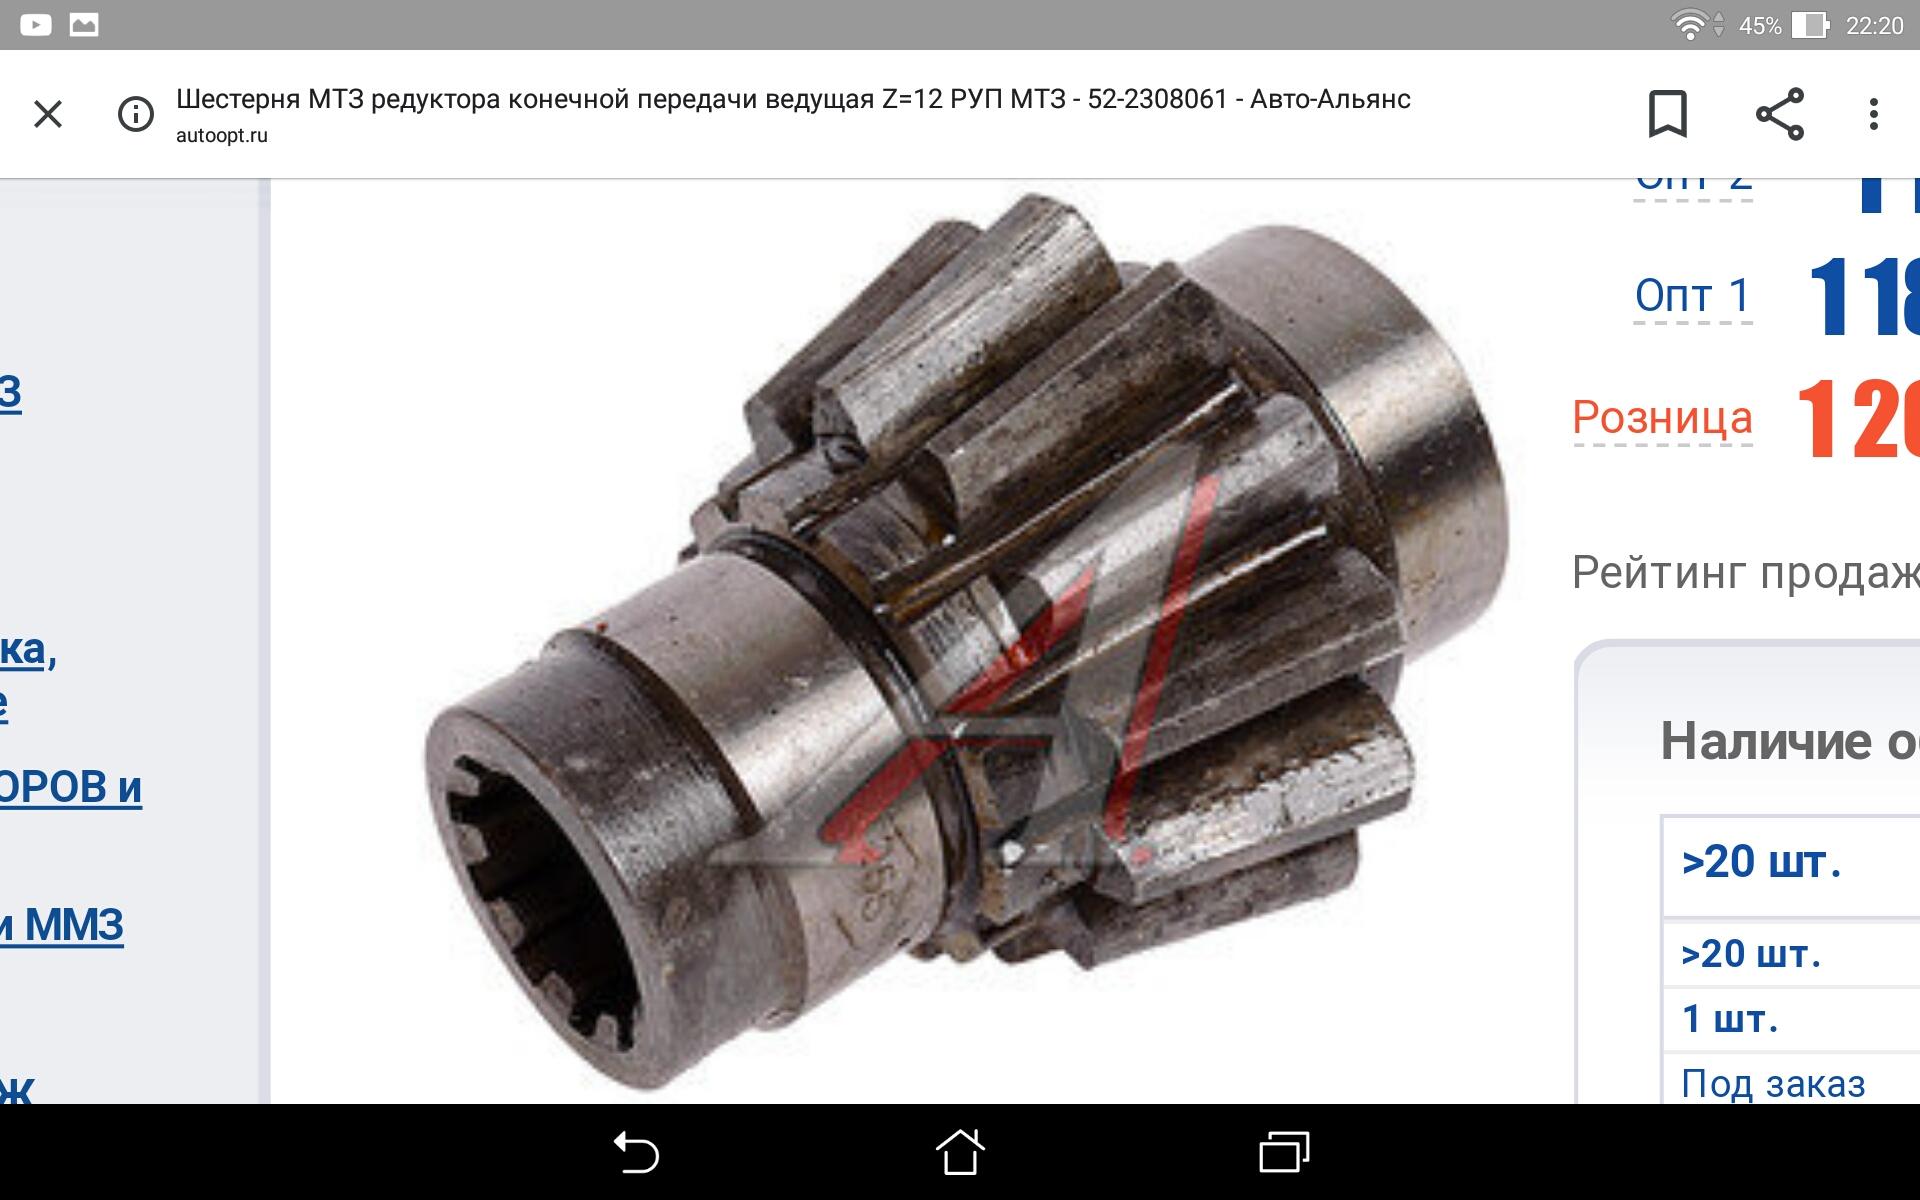 screenshot2020-01-20-22-20-17.jpg